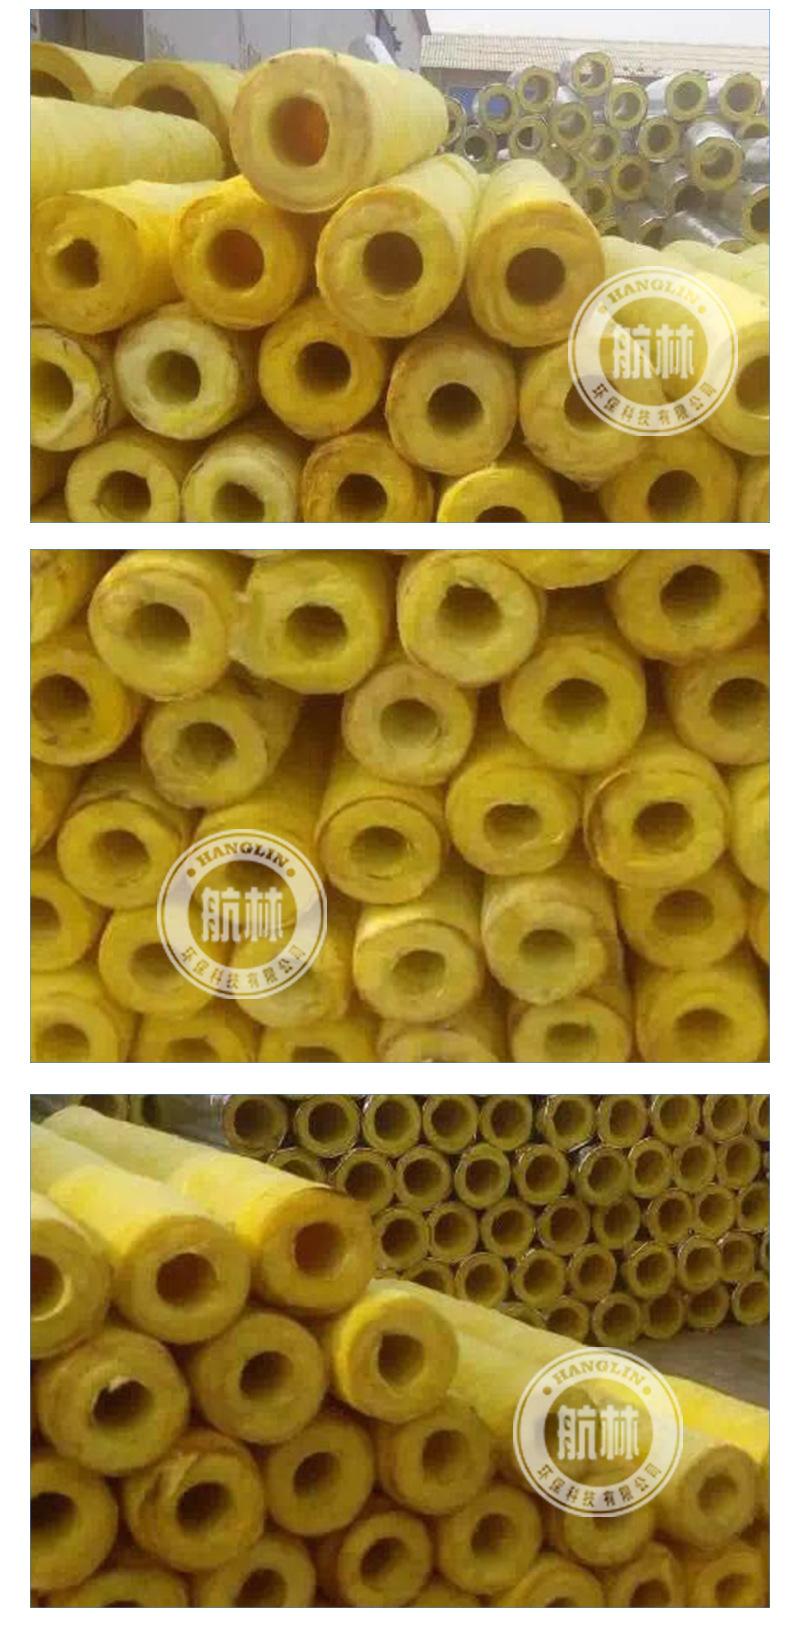 廠家直銷 貼箔A1級玻璃棉管 管道保溫玻璃棉管殼 一米多少錢示例圖10